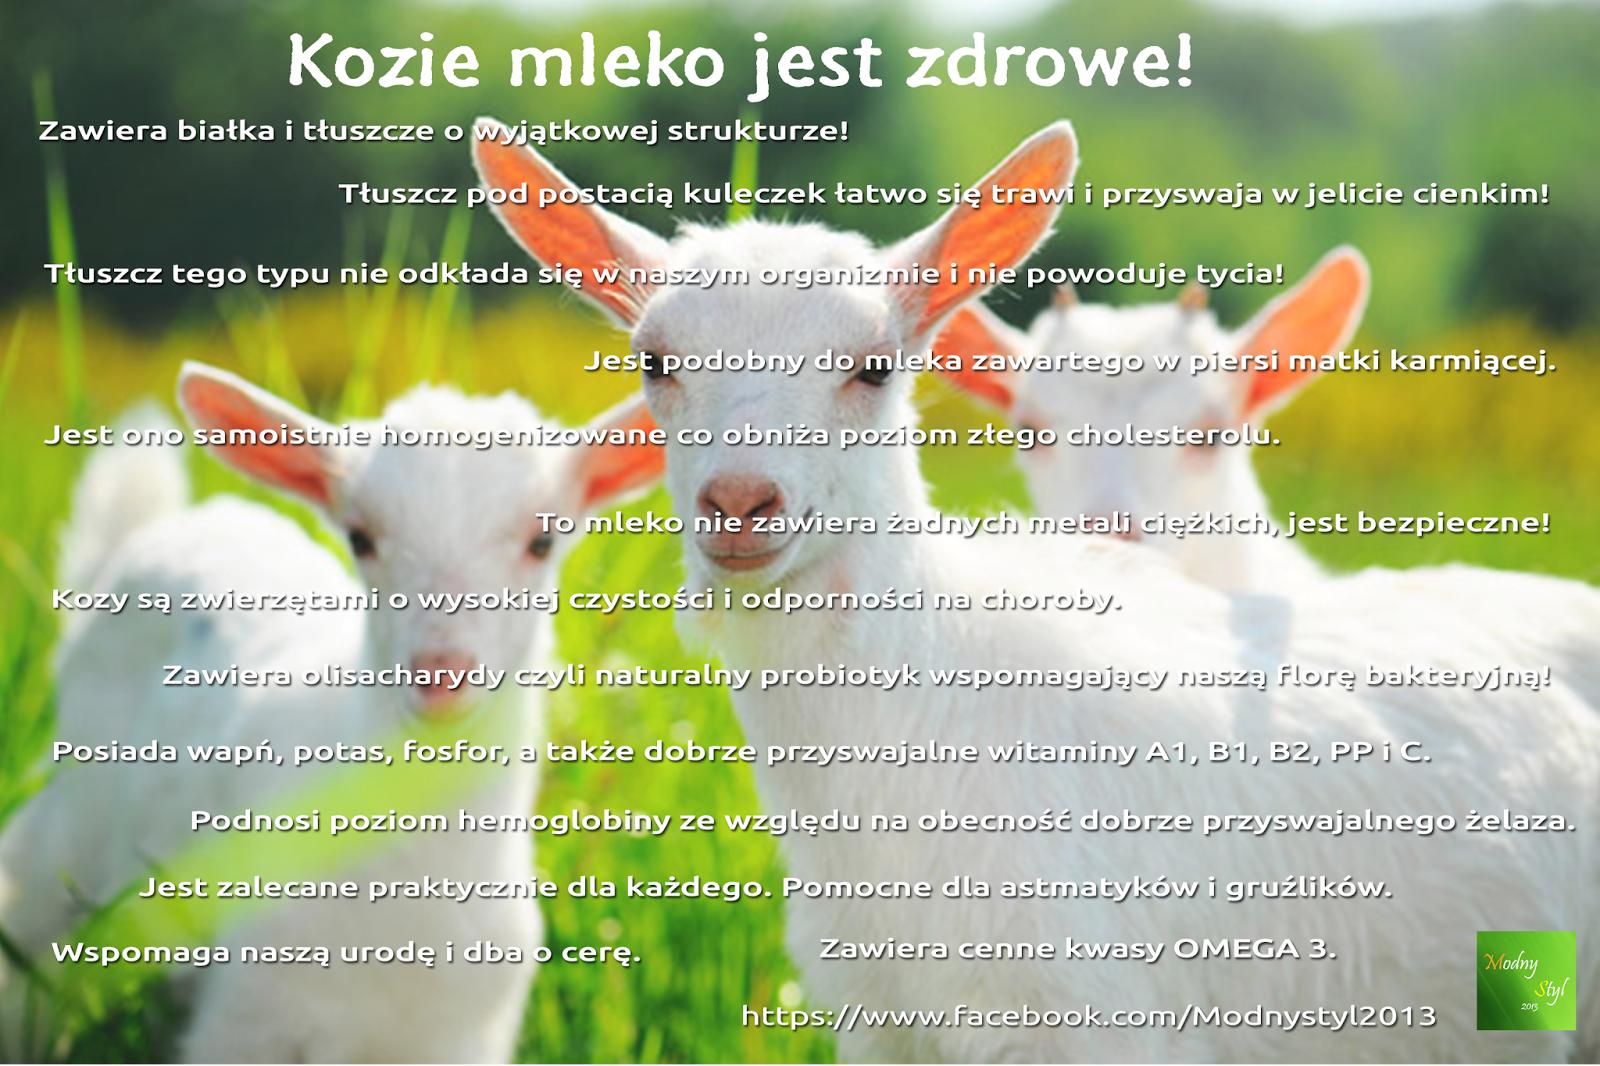 Dlaczego kozie mleko jest dobre?